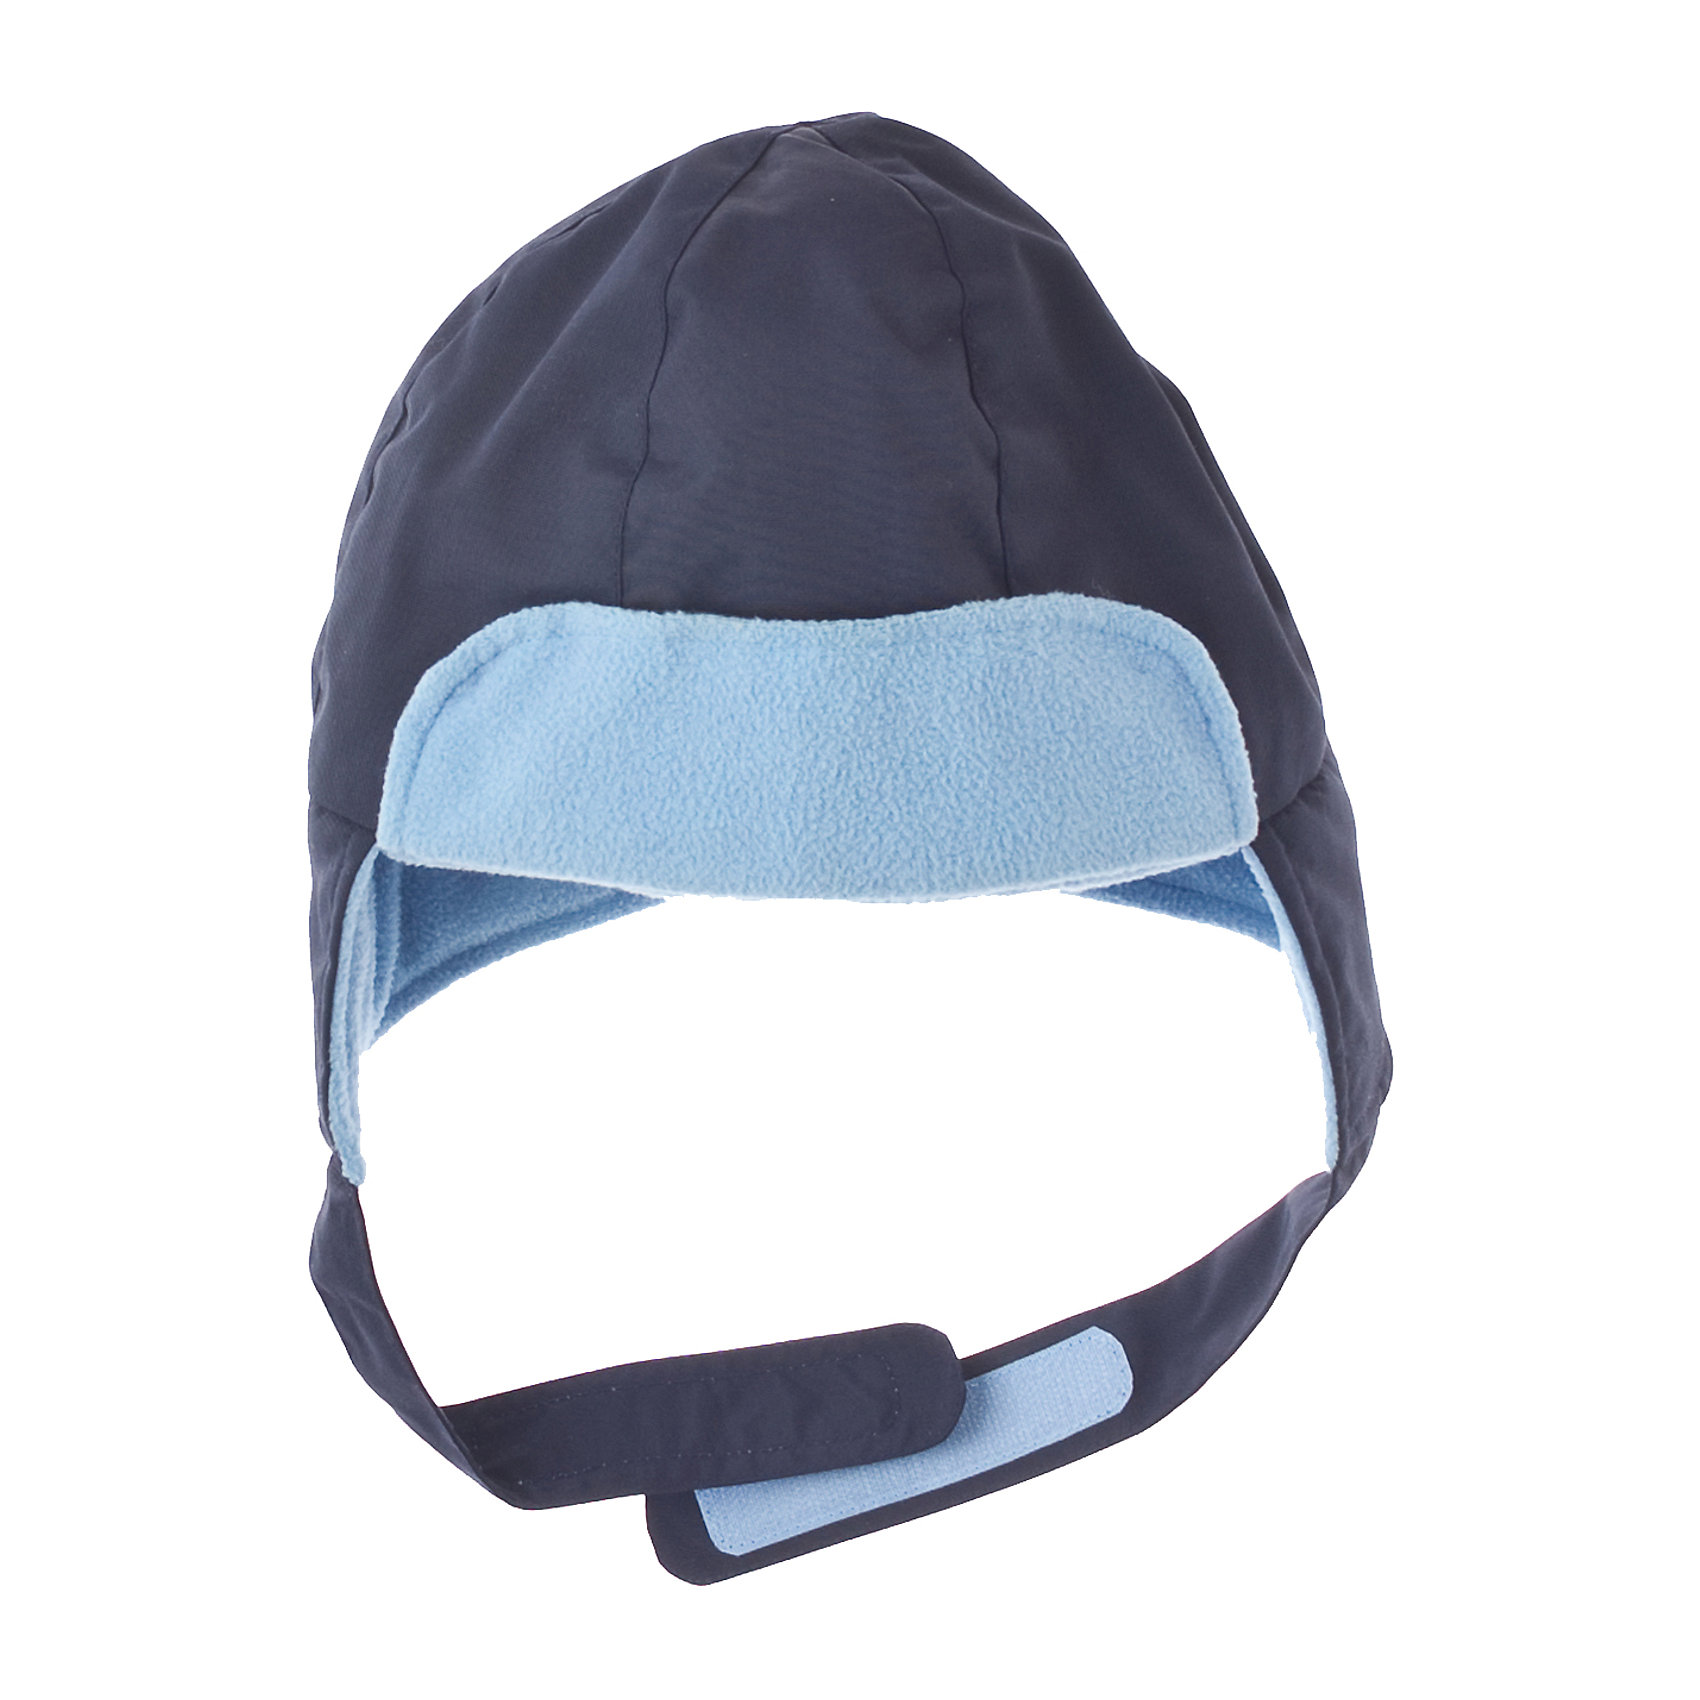 Шапка для мальчика PlayTodayШапка для мальчика PlayToday Теплая непромокаемая шапка-ушанка с подкладкой из флиса. Застегивается на липучку. Состав: Верх: 100% нейлон, подкладка: 100% полиэстер, наполнитель: 100% полиэстер<br><br>Ширина мм: 89<br>Глубина мм: 117<br>Высота мм: 44<br>Вес г: 155<br>Цвет: полуночно-синий<br>Возраст от месяцев: 24<br>Возраст до месяцев: 36<br>Пол: Мужской<br>Возраст: Детский<br>Размер: 50,52,54<br>SKU: 4227489